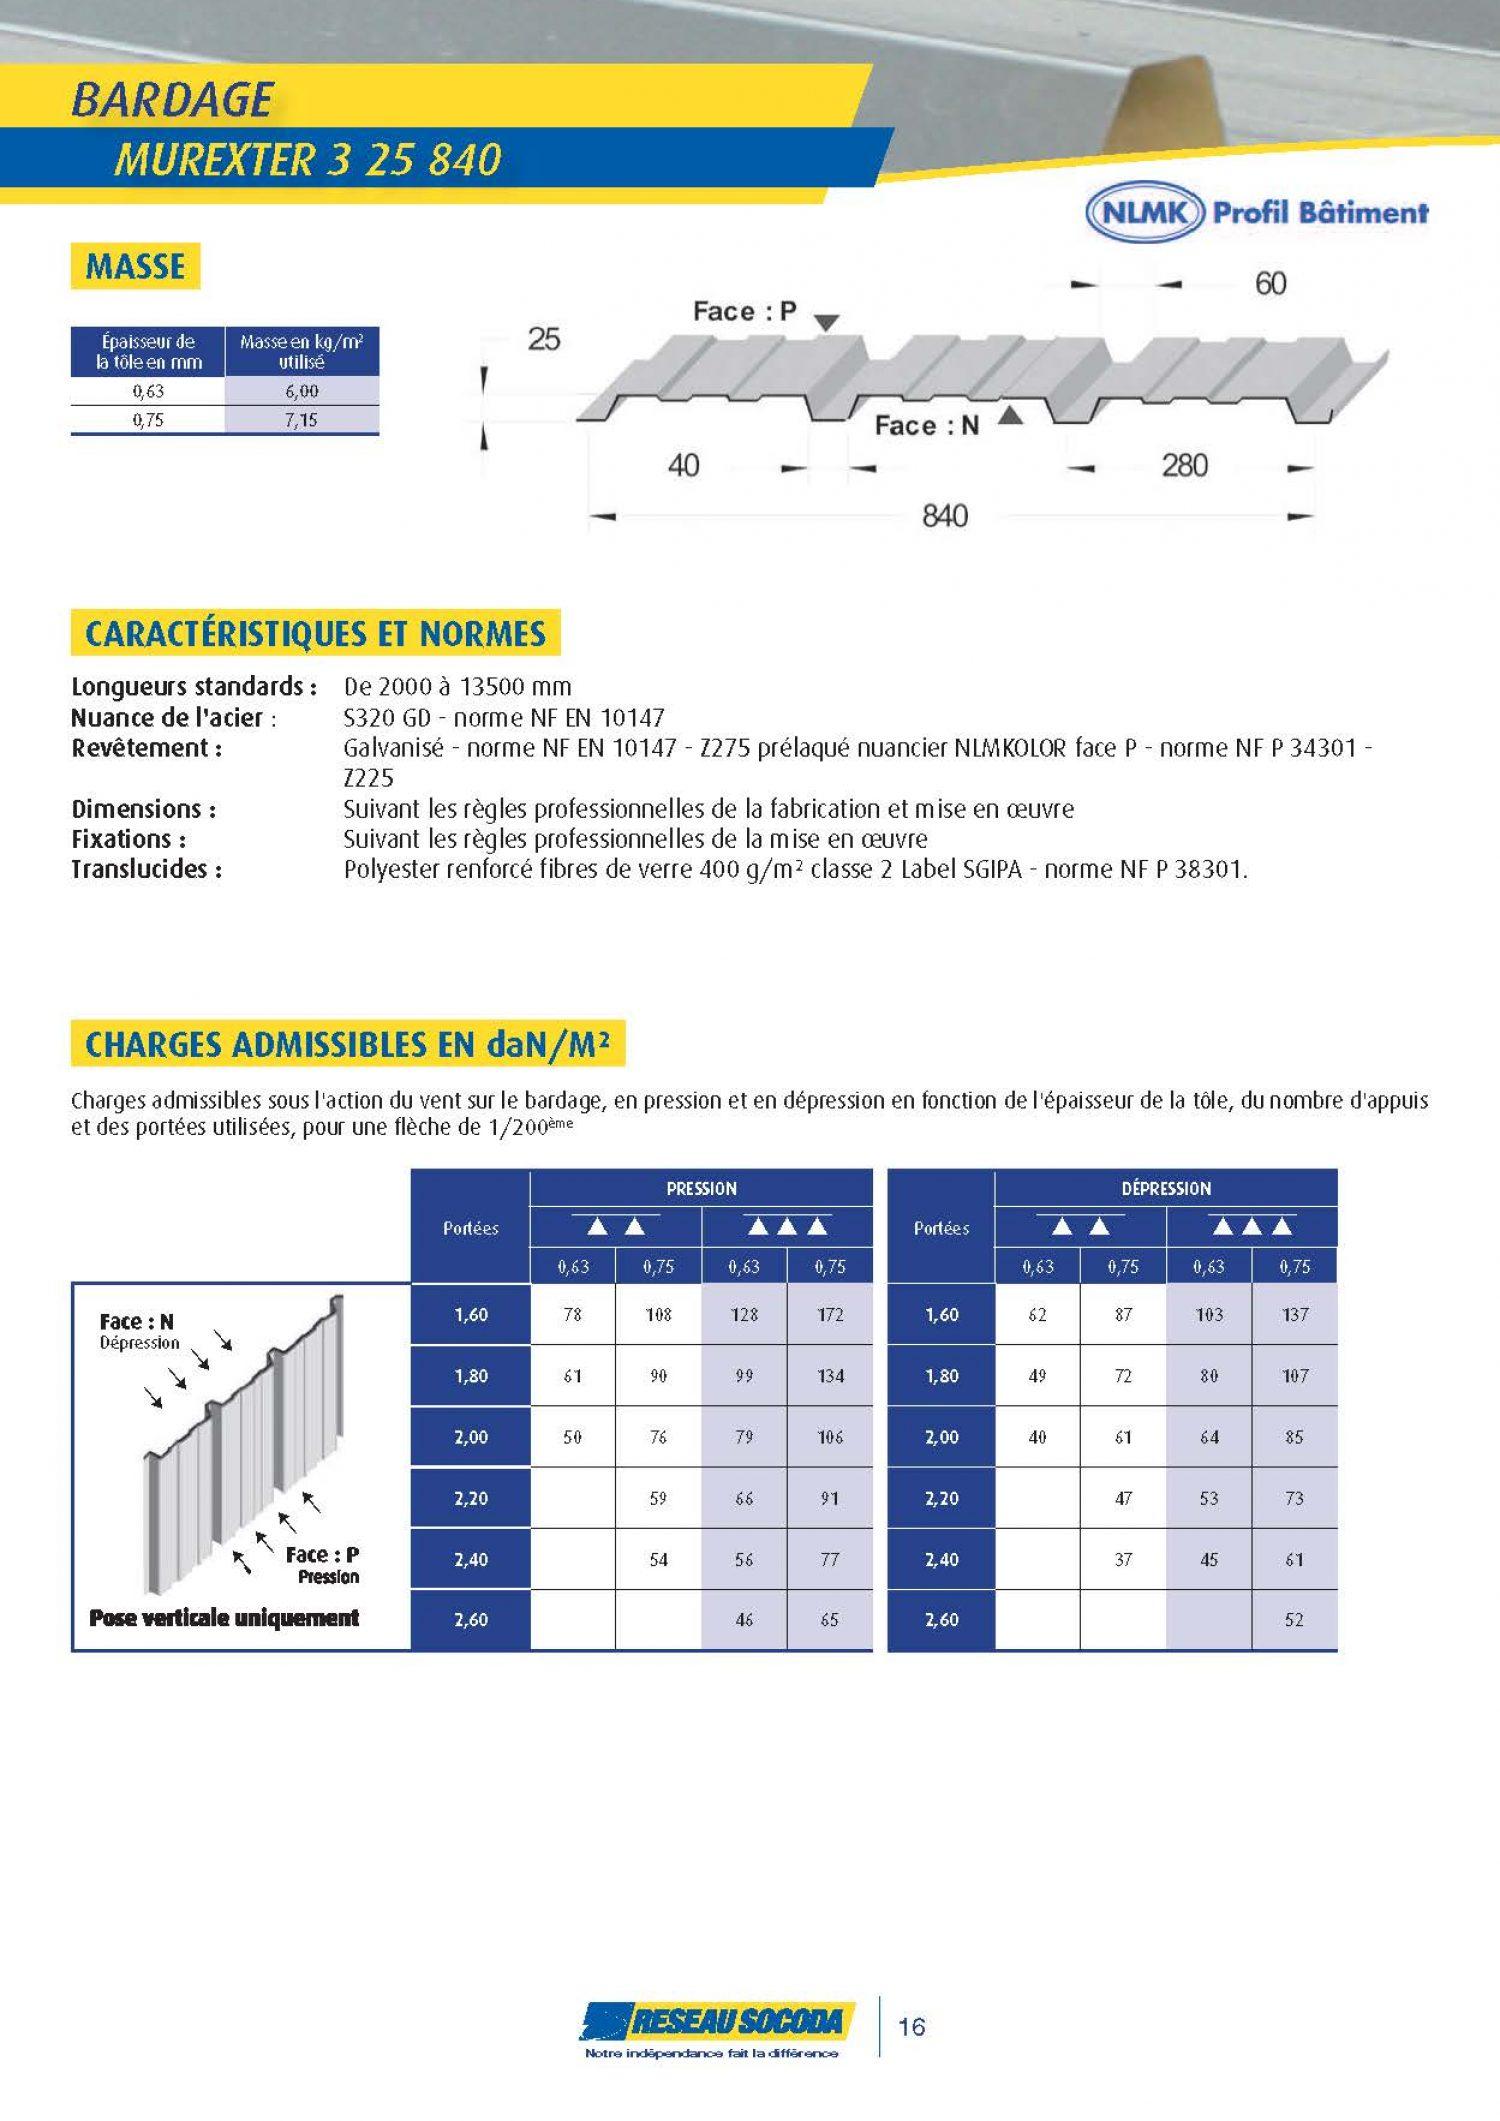 GERMOND_2014 PROFIL BATIMENT_20140324-184231_Page_16